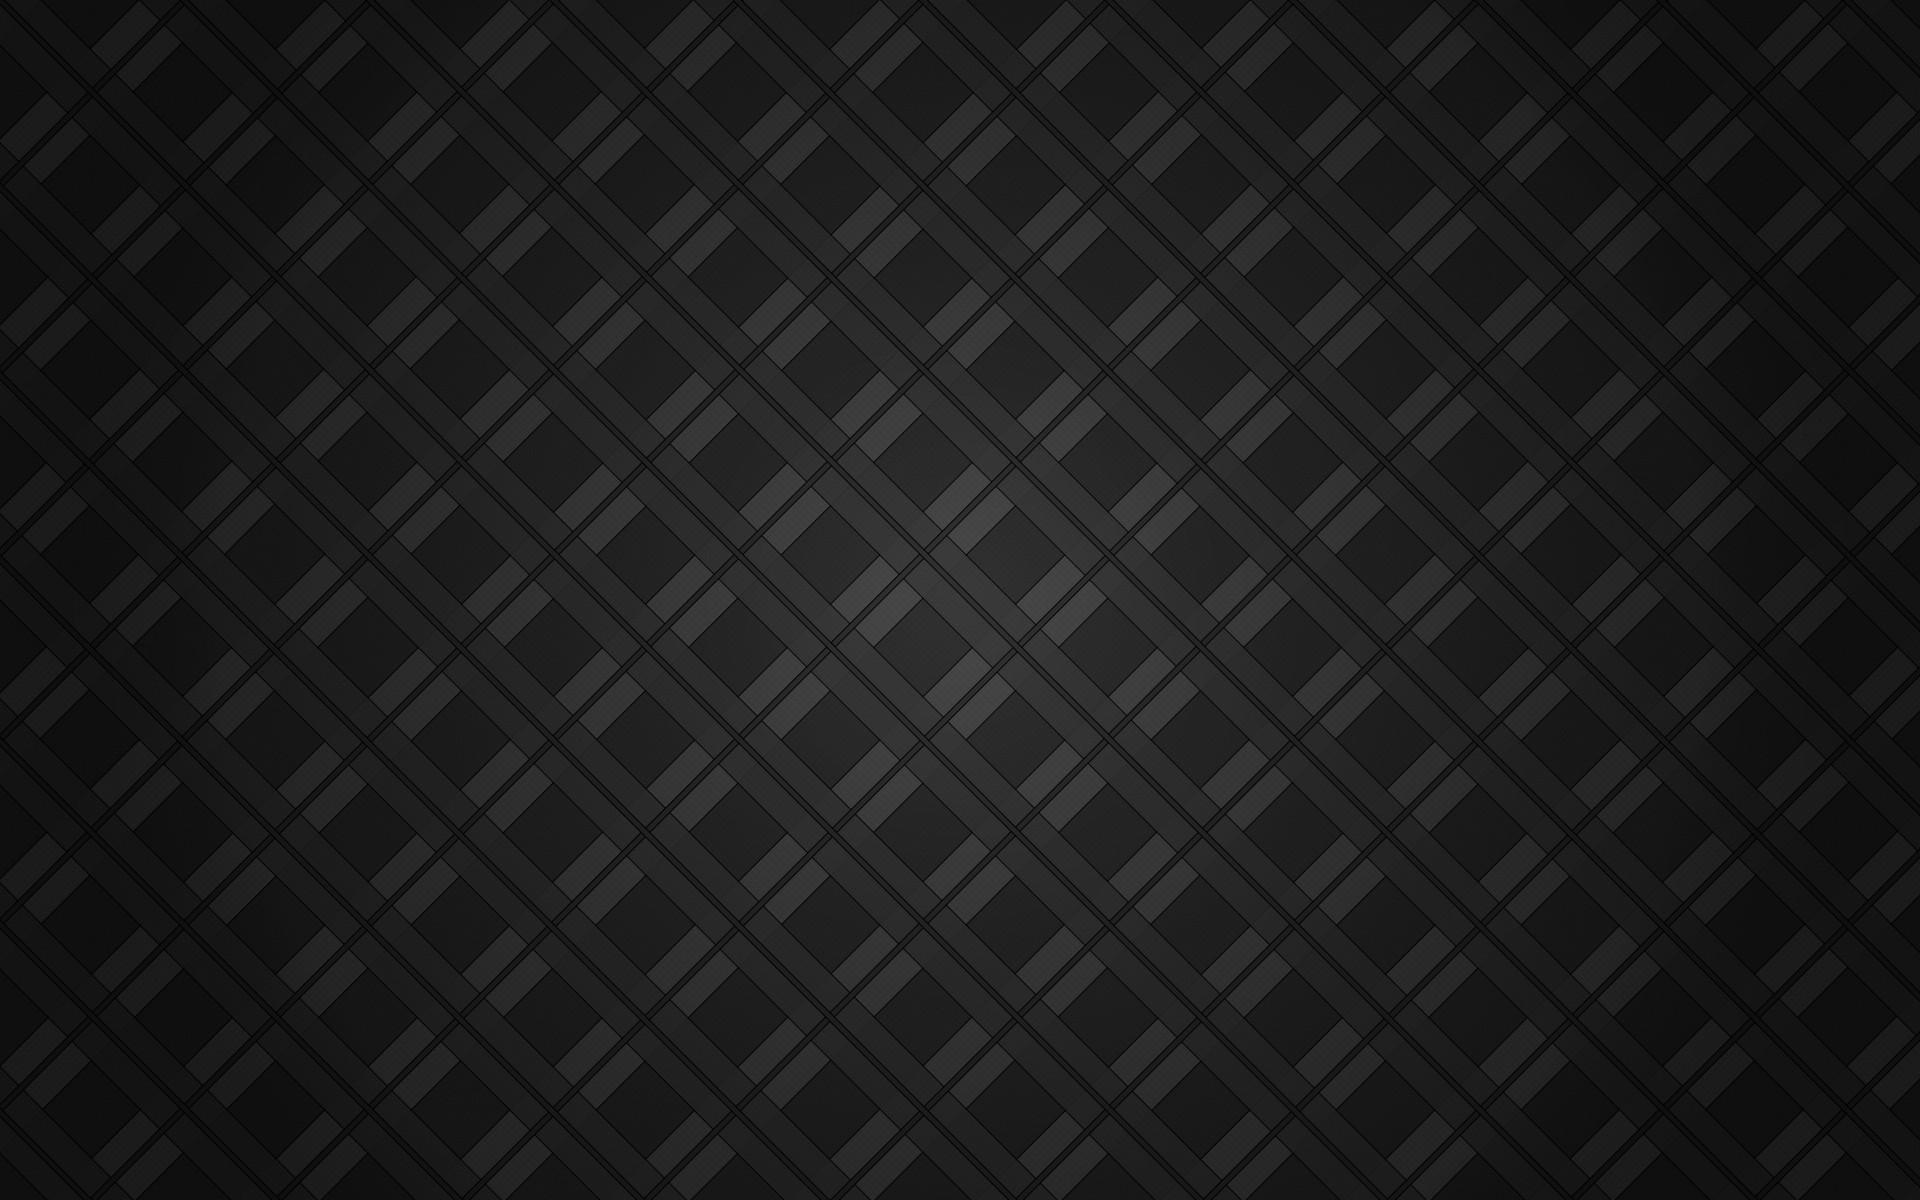 Nanosuit Texture Wallpaper 2 by ~blakegedye on deviantART | textura |  Pinterest | Textured wallpaper and Wallpaper